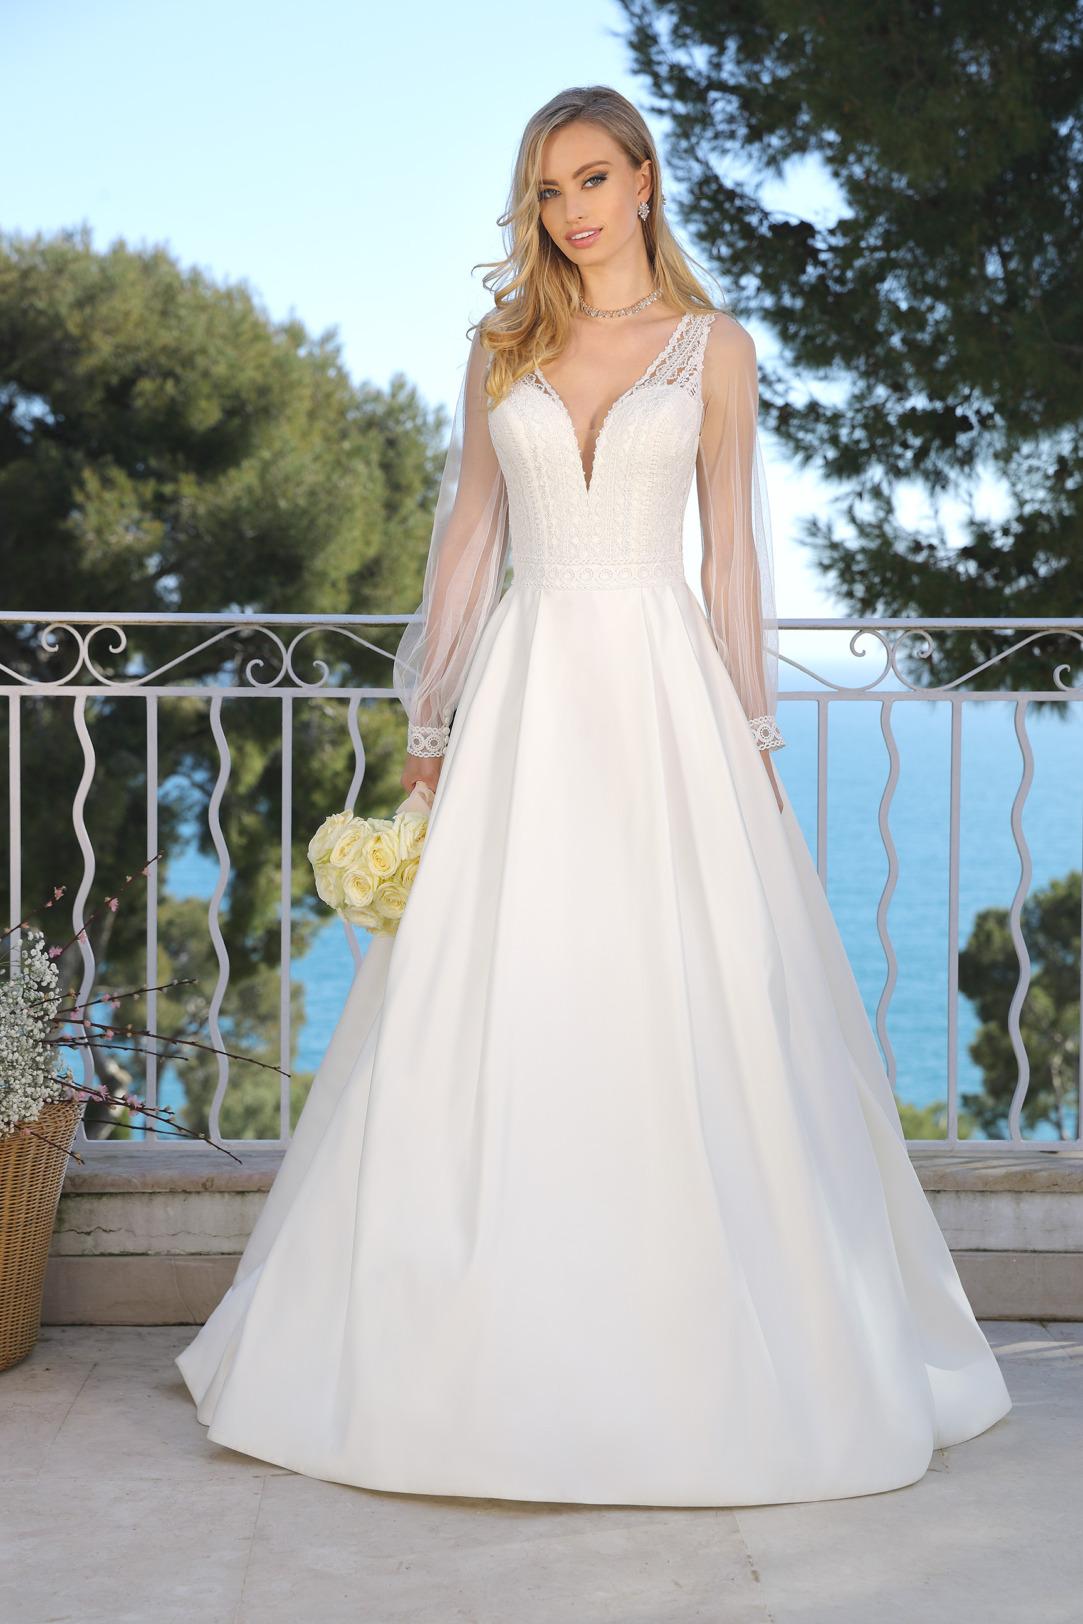 Hochzeitskleid in klassischer A Linie von Ladybird Modell 421043. Traumhaftes Brautkleid in A-Linie mit langem Arm und V- Ausschnitt mit feiner Spitze